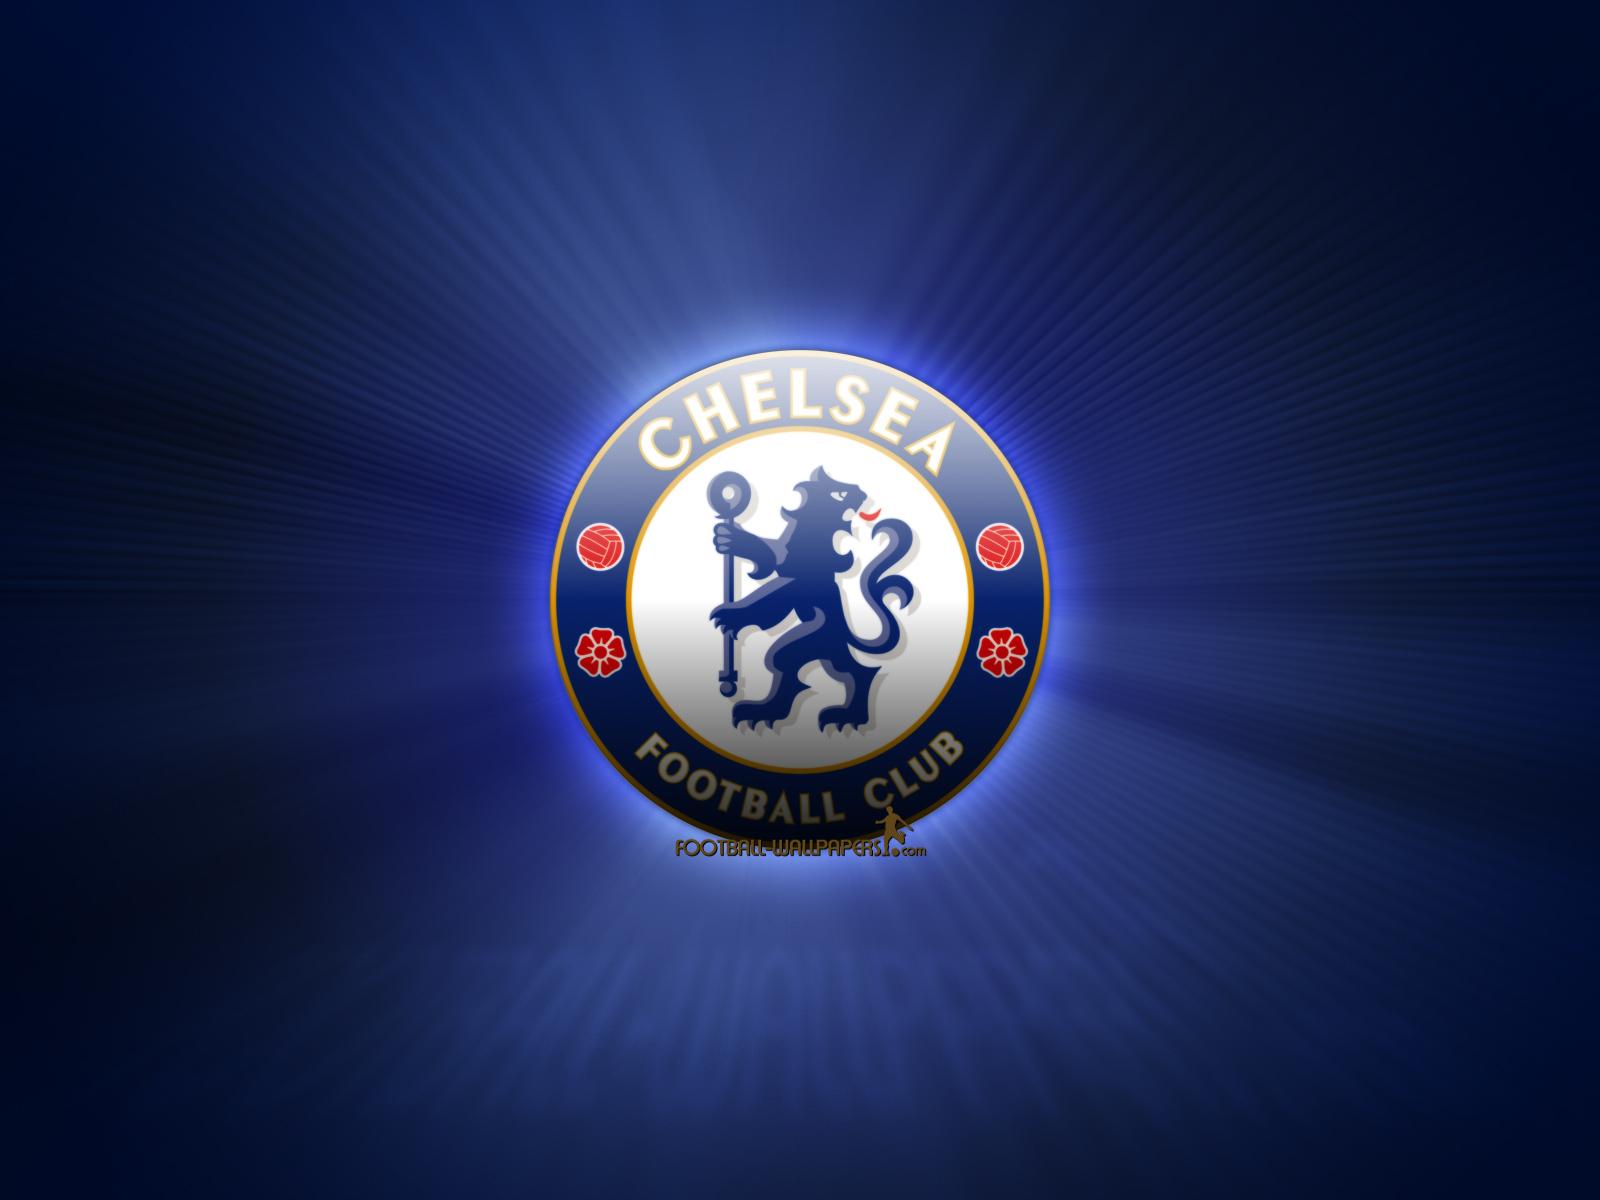 Футбольный клуб Челси, Chelsea, Лого, футбол